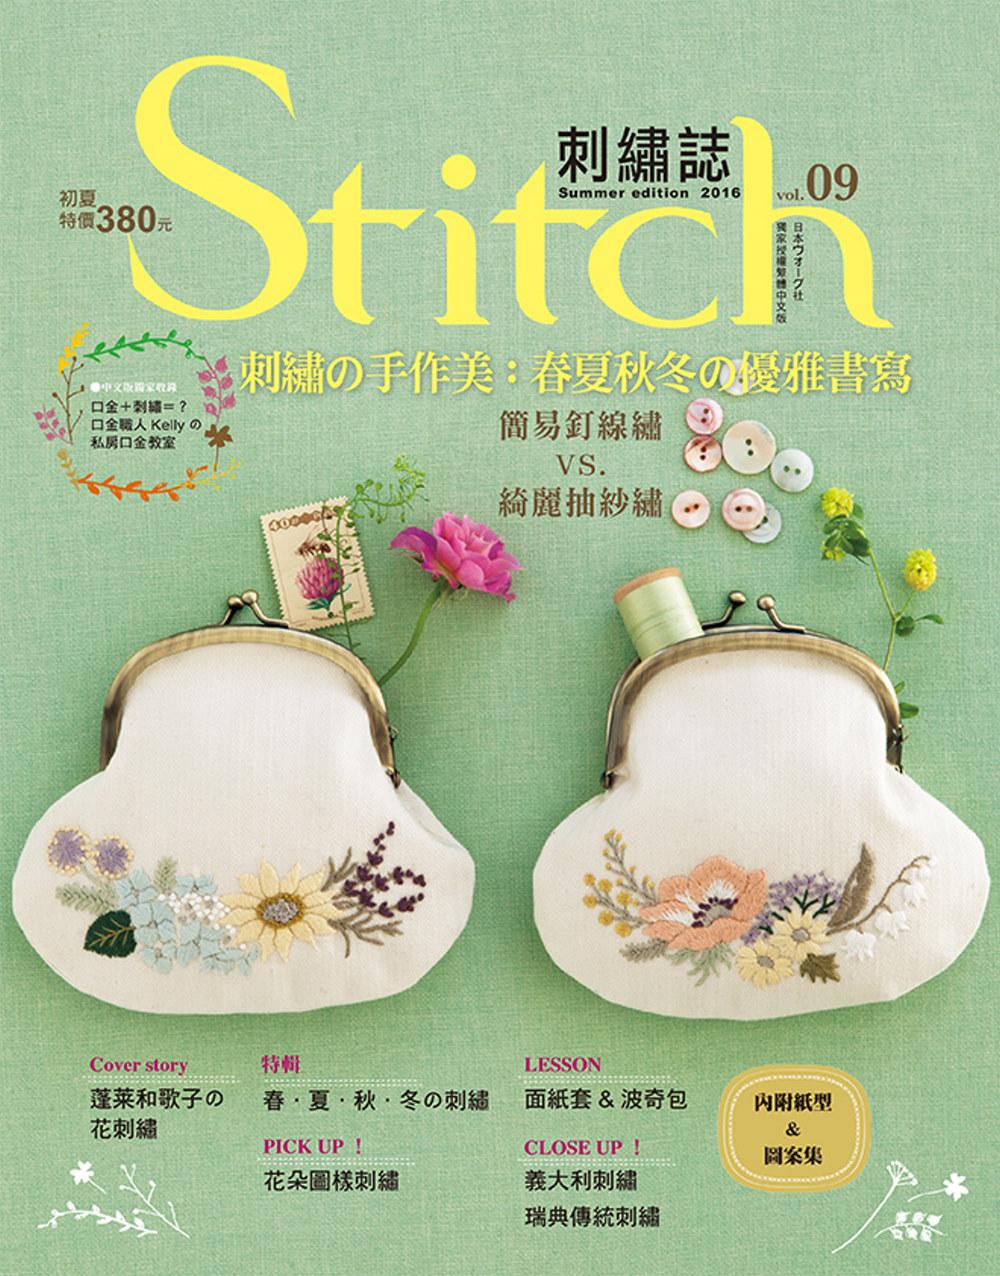 Stitch刺繡誌09~刺繡の手作美:春夏 の優雅書寫